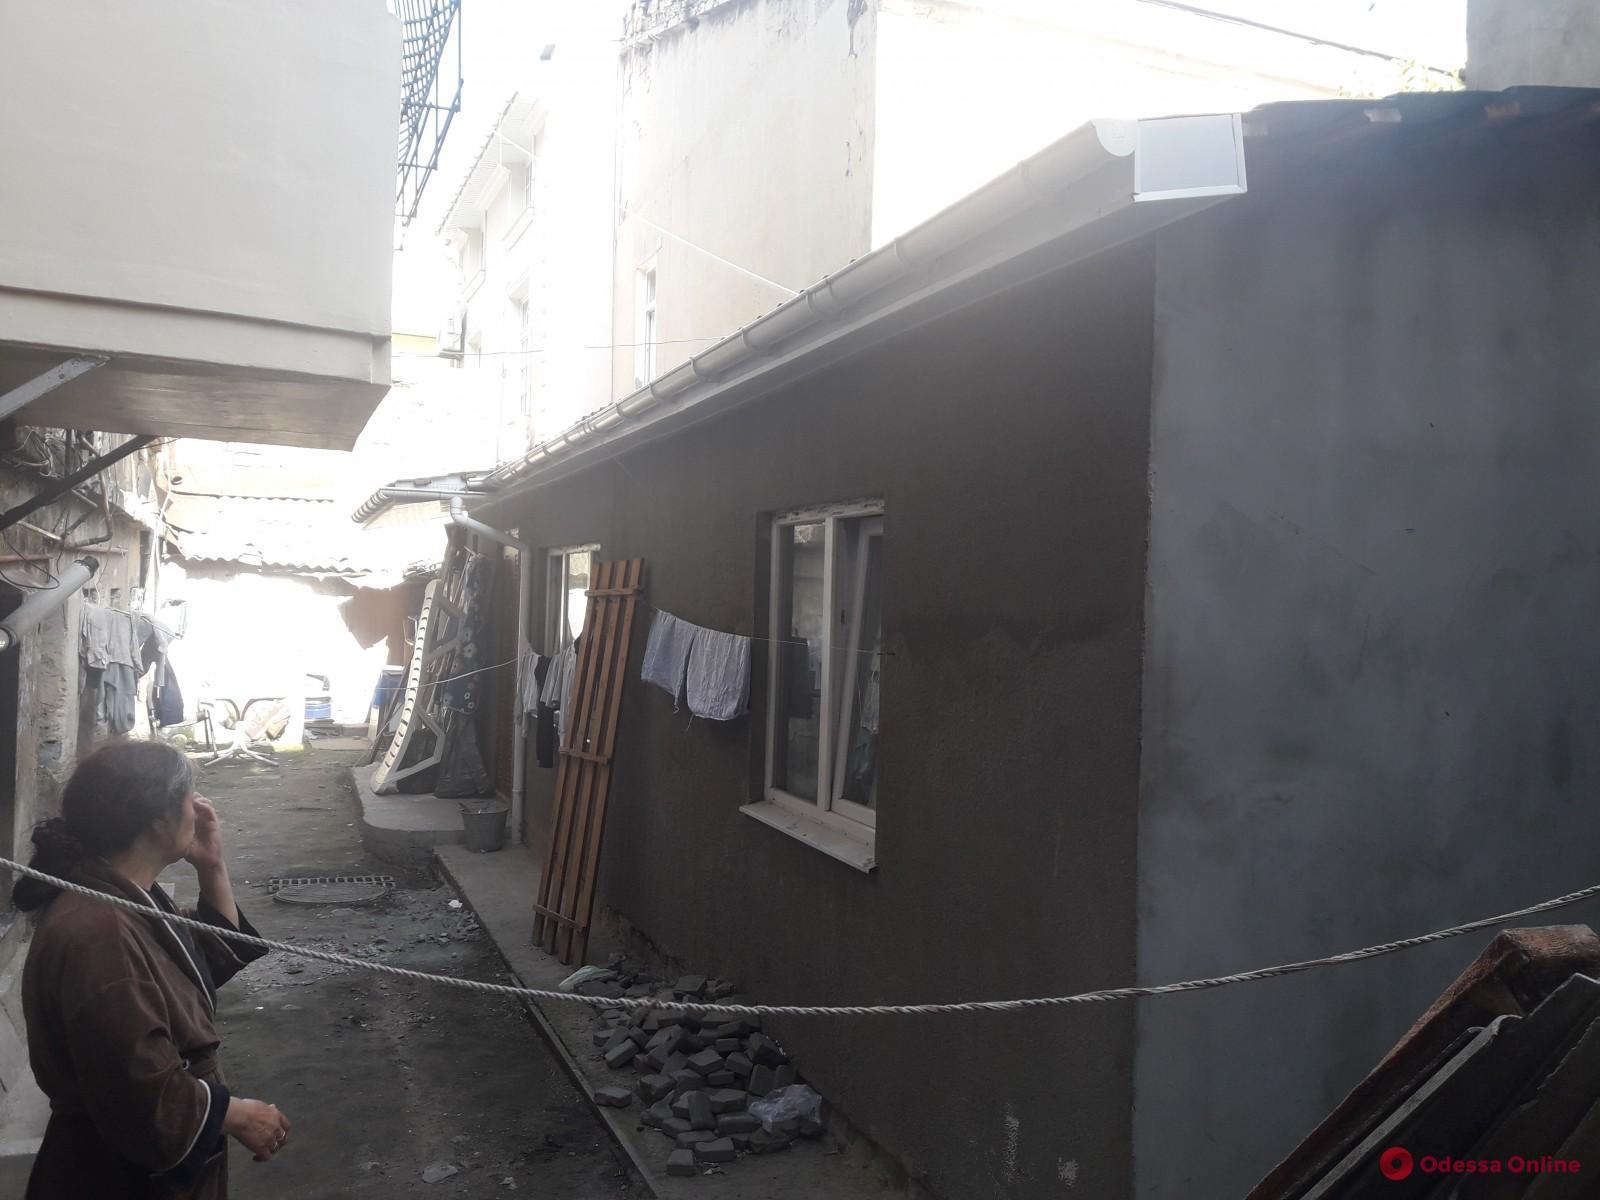 Одесса: ГАСК оштрафовал горе-застройщиков на 187 тысяч